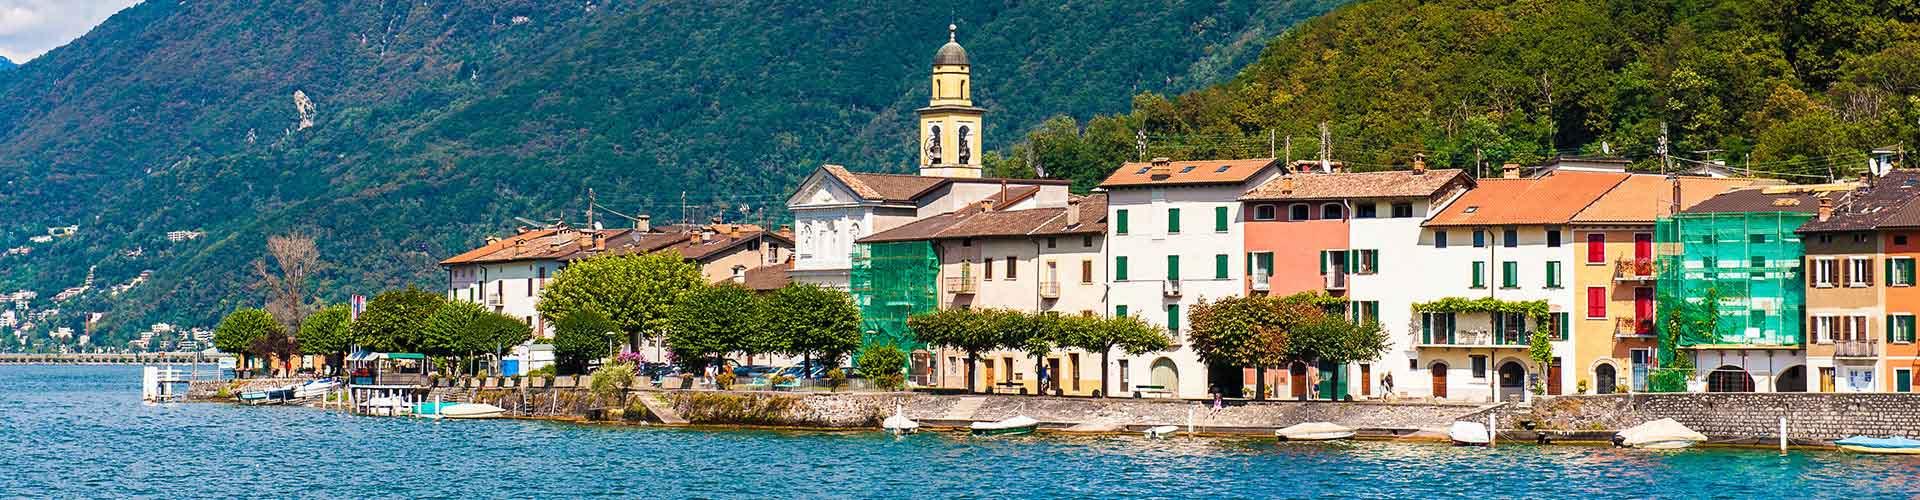 Lugano - Hostales en Lugano. Mapas de Lugano, Fotos y comentarios de cada Hostal en Lugano.